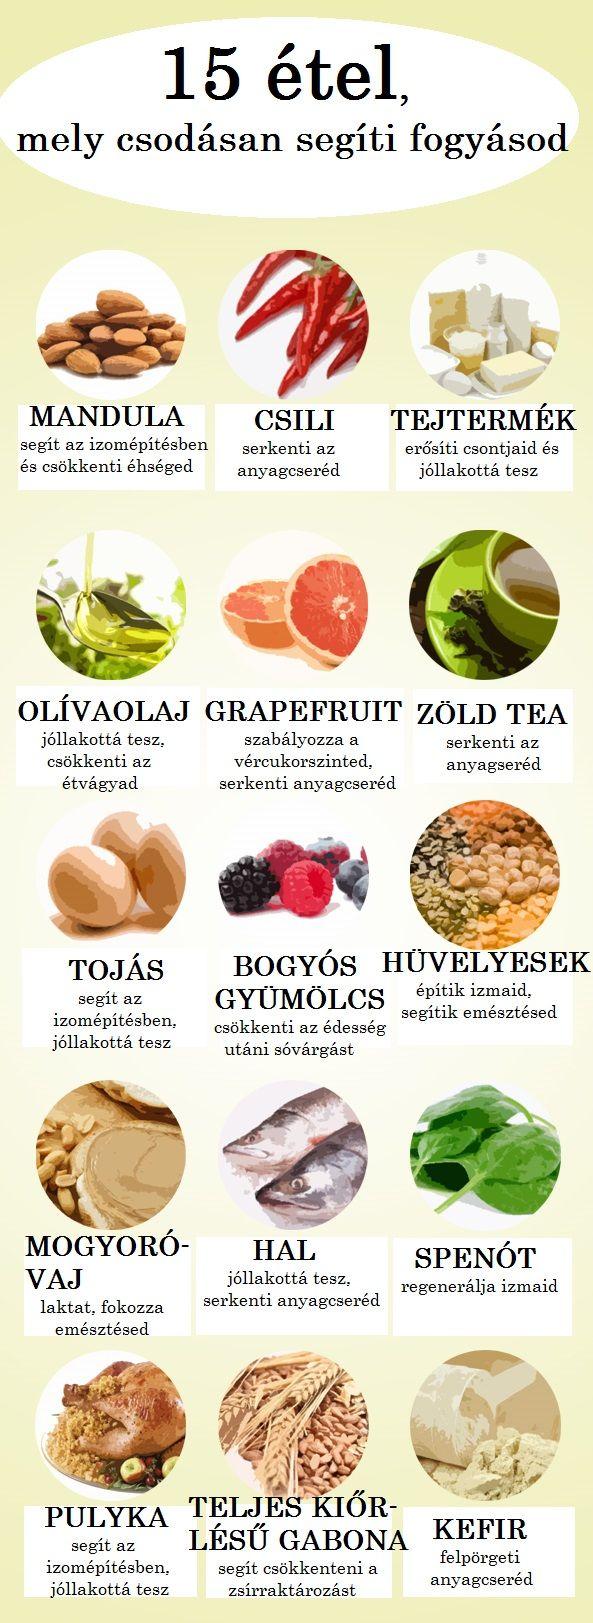 olcsó hatásos diéta